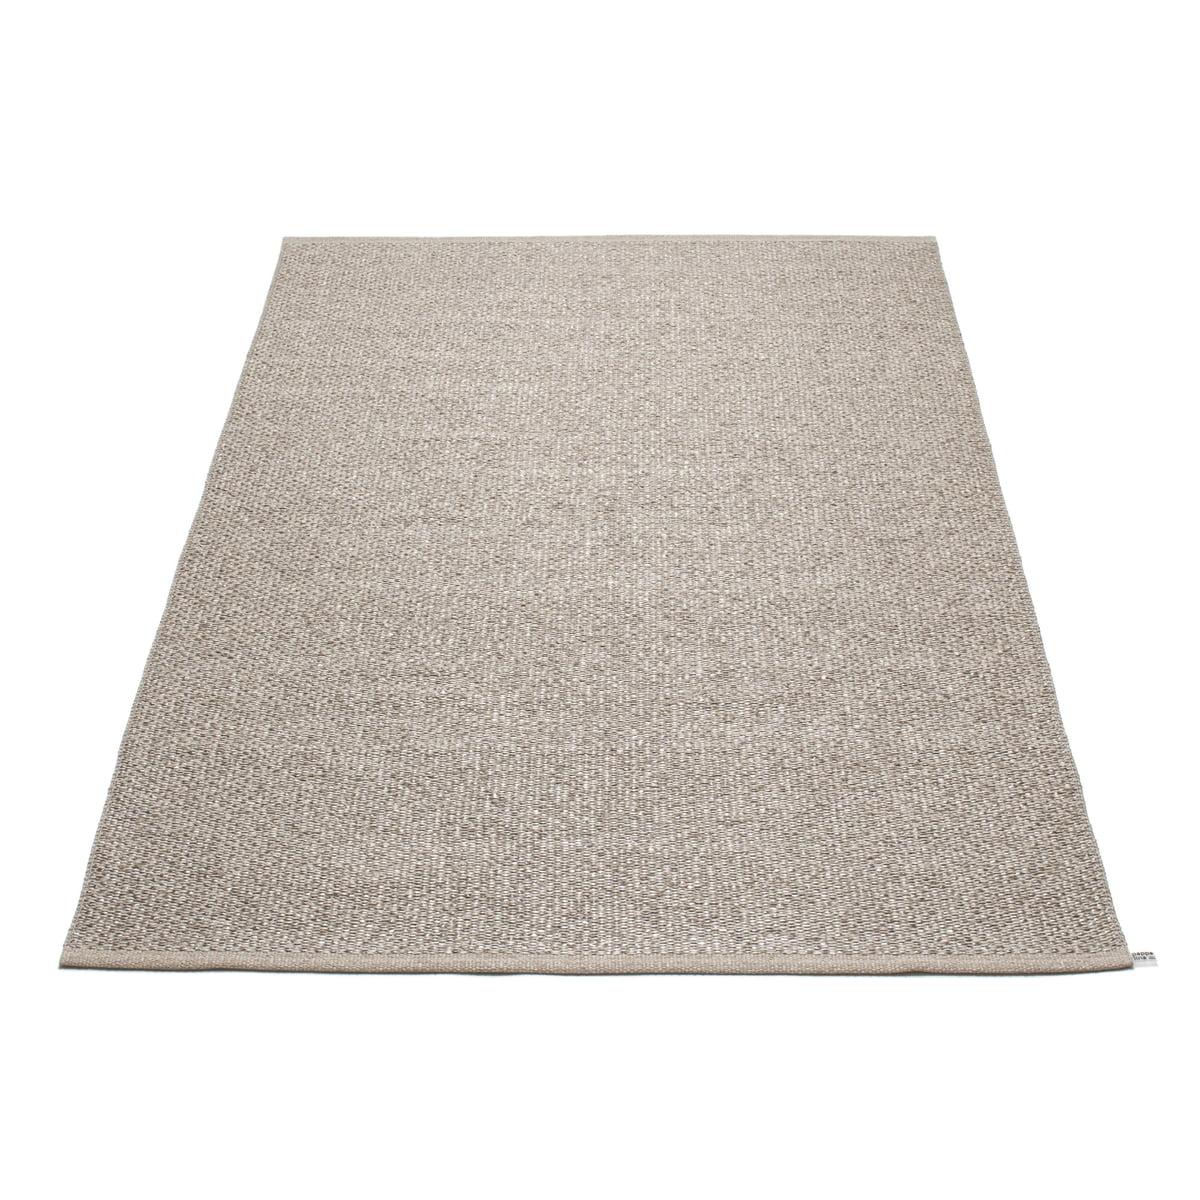 pappelina svea teppich 140 x 220 cm mud metallic mud braun t 140 h 0 b 220 online kaufen. Black Bedroom Furniture Sets. Home Design Ideas